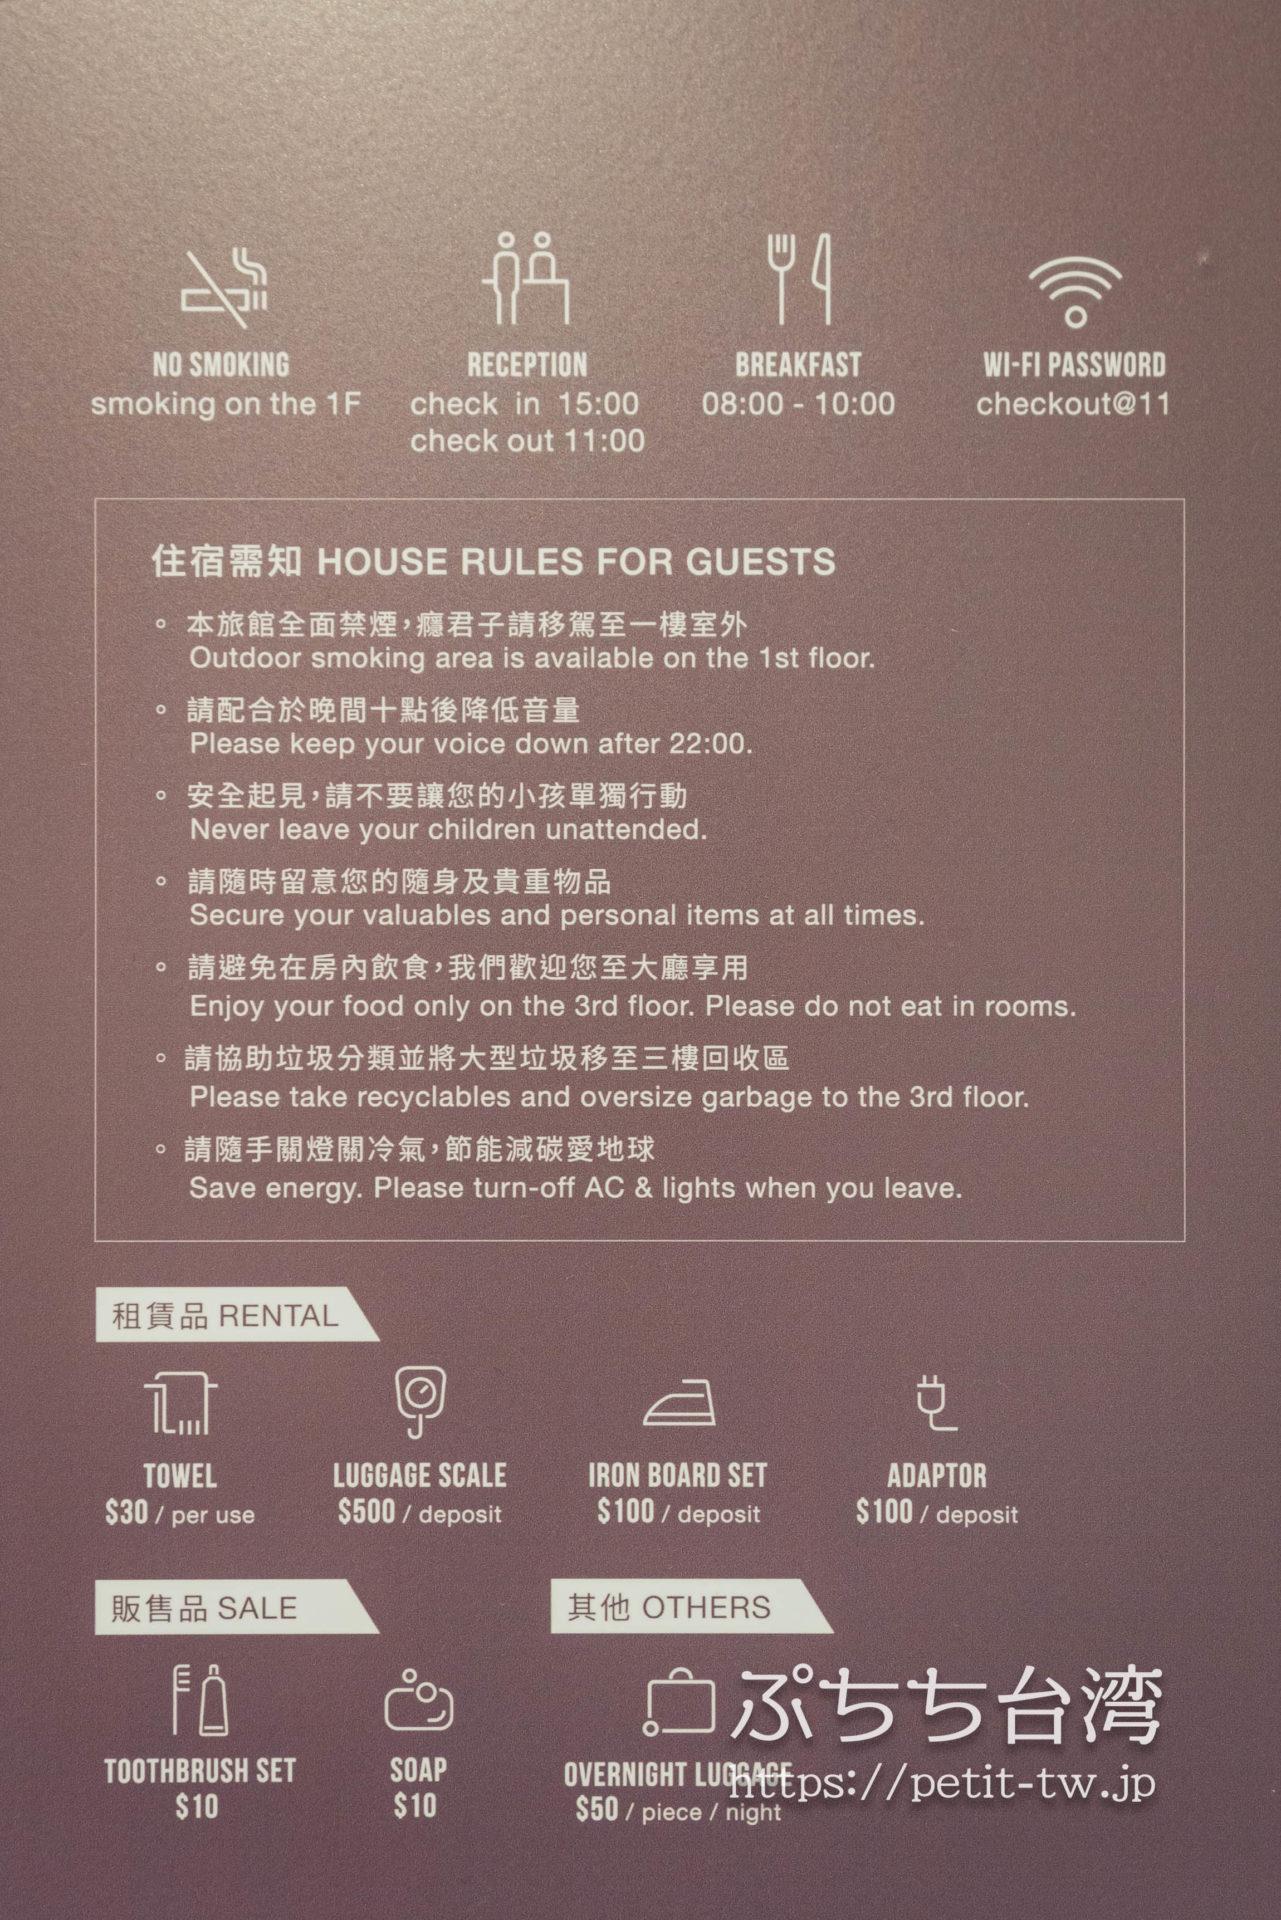 スターホステル台北イースト Star Hostel Taipei Eastの宿泊規則